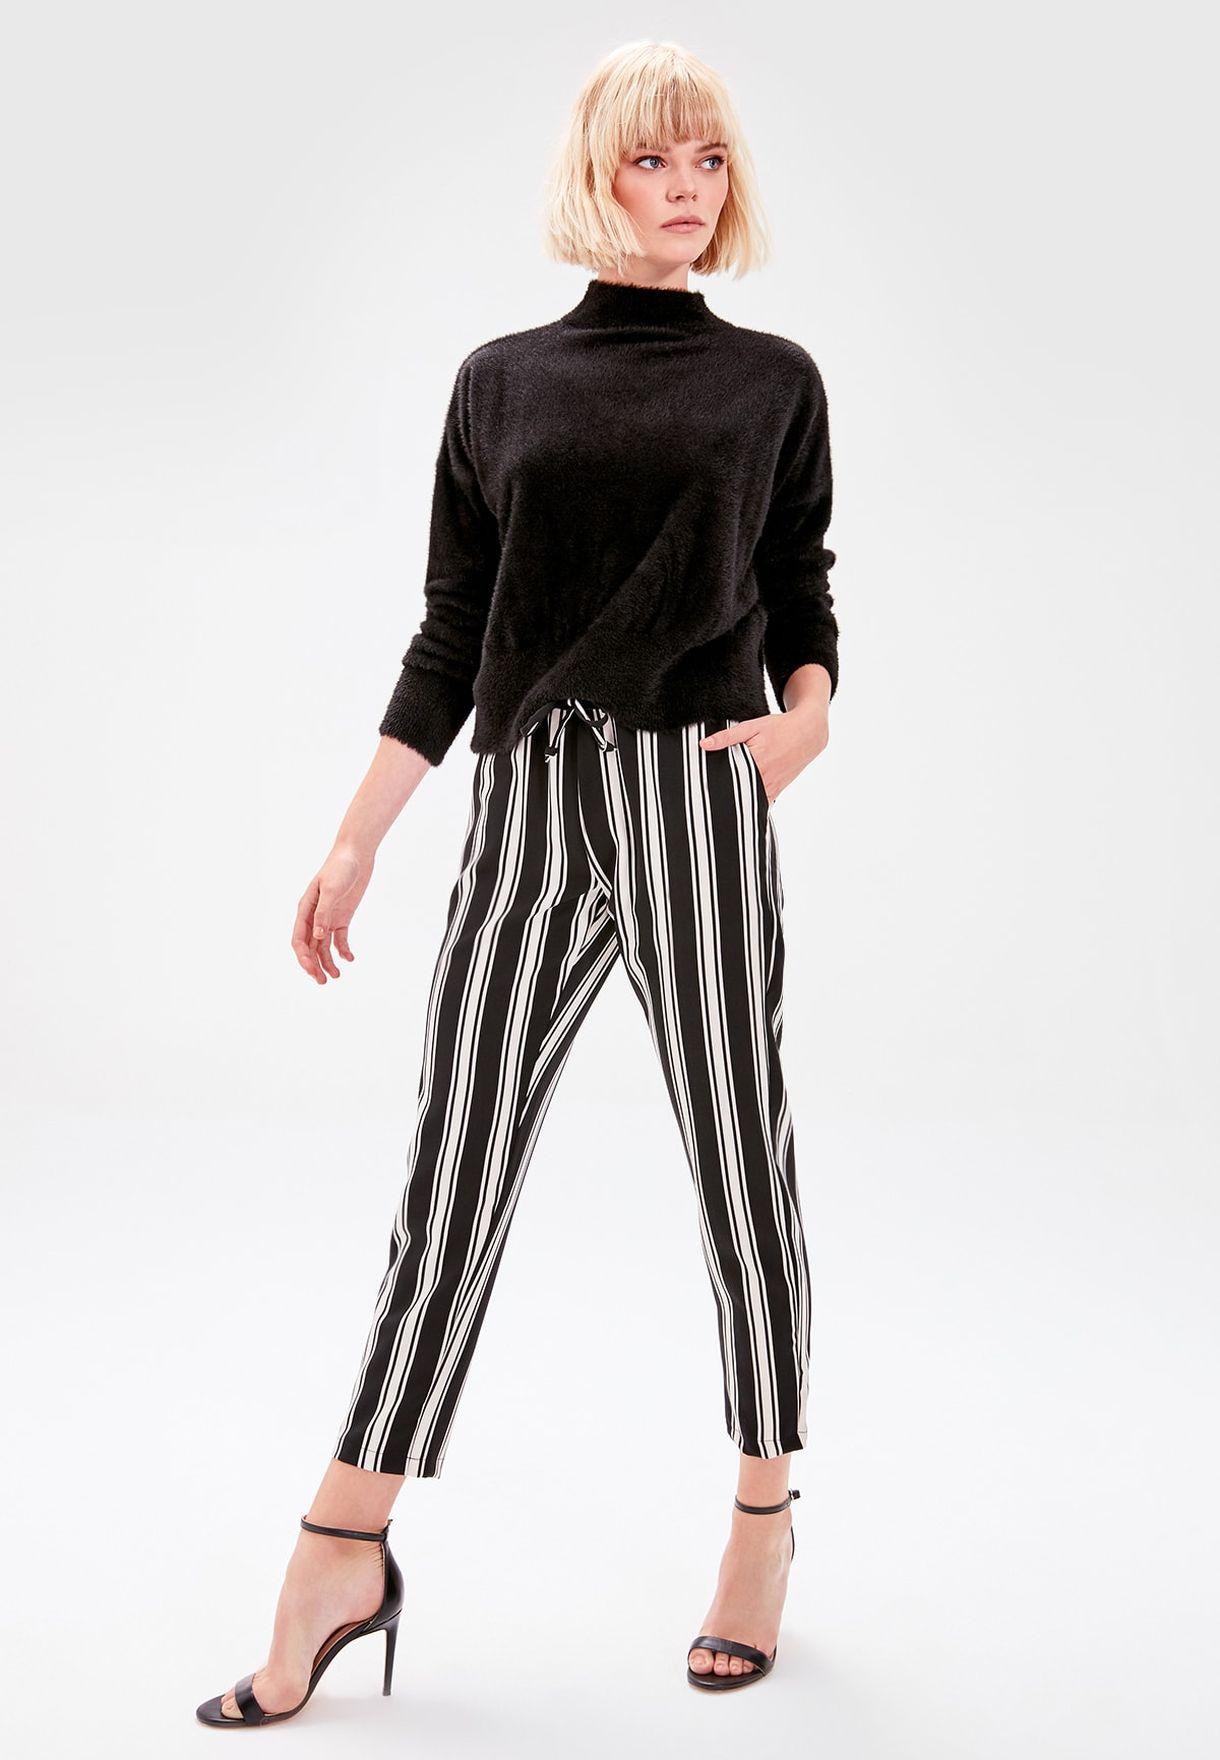 Buy Trendyol Stripes Striped Crop Pants For Women, Uae 27680atvrhhp